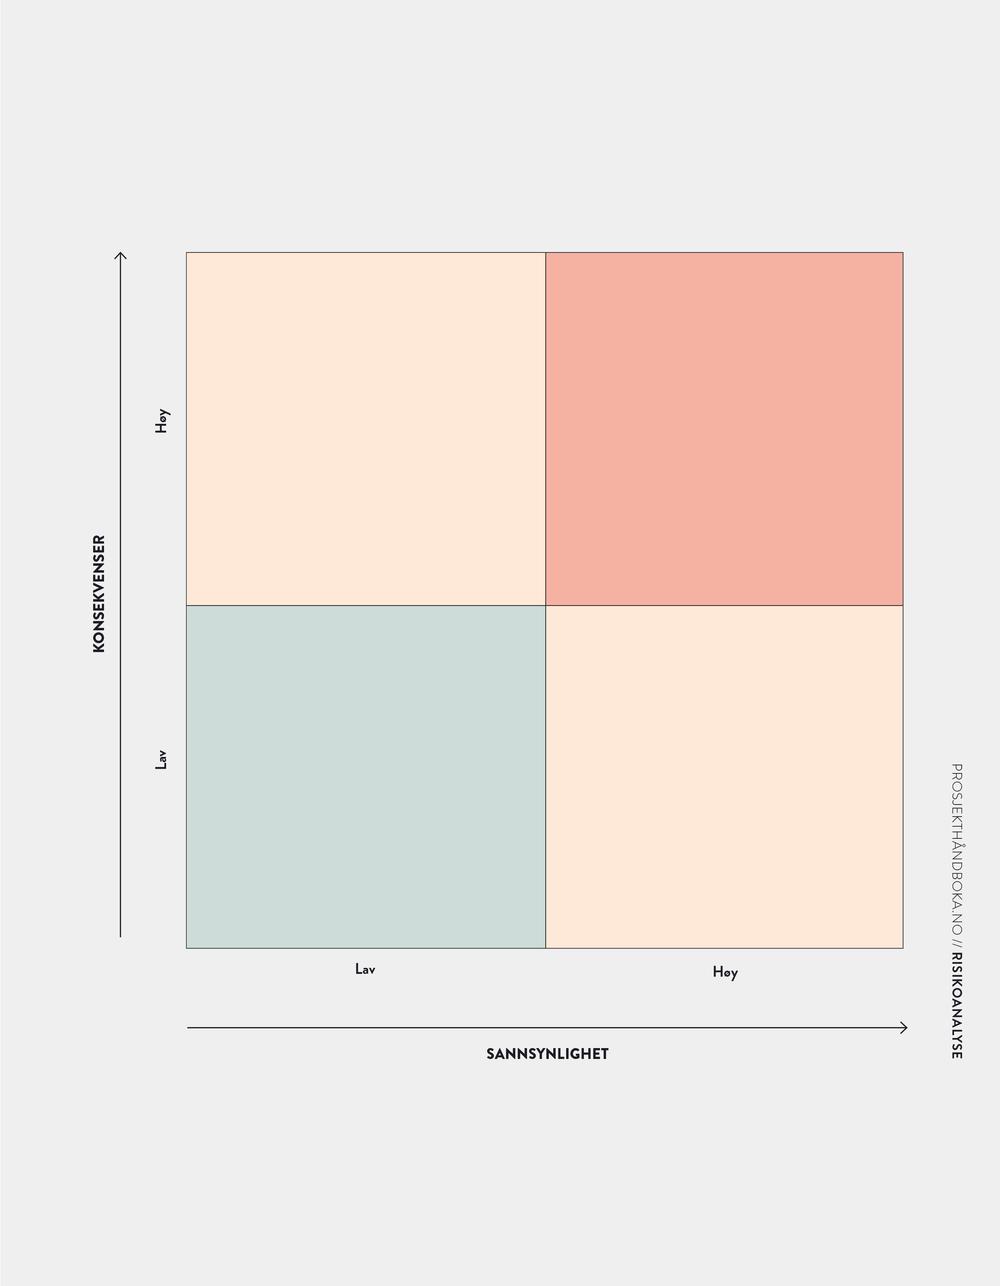 RISIKOANALYSE  / SIDE 120-121 / OPPGAVEAVKLARING